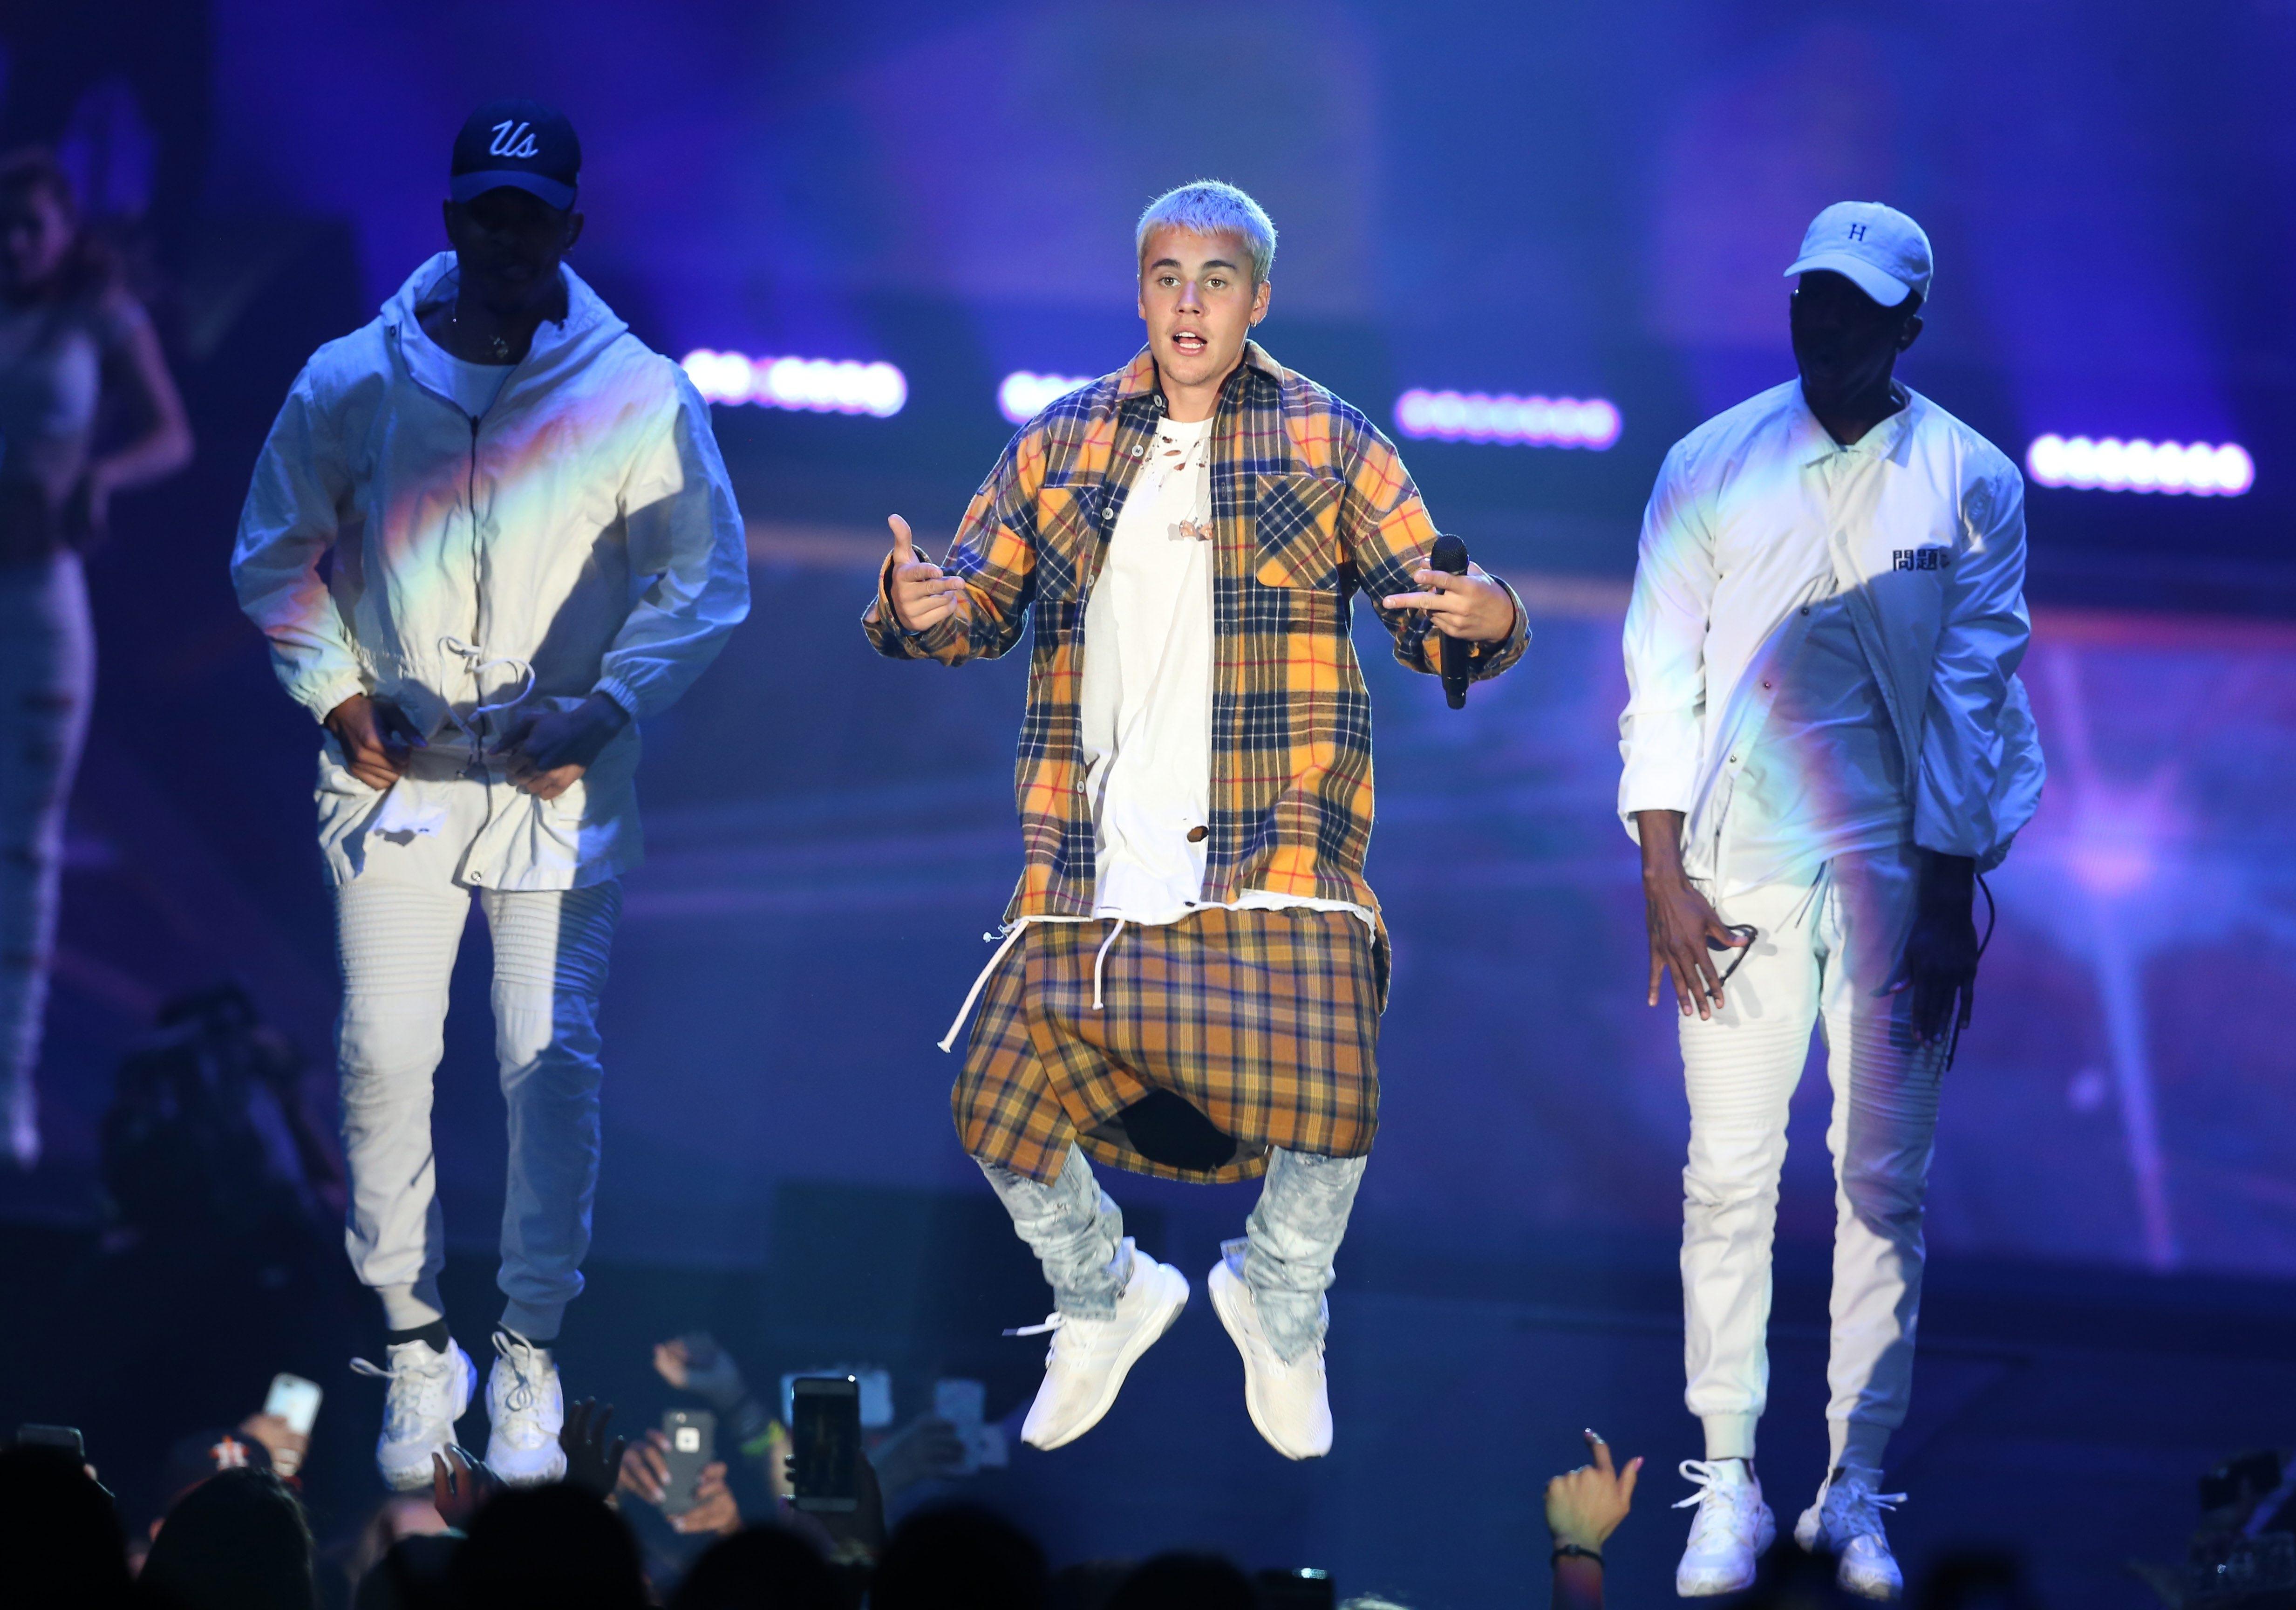 Justin Bieber performs at First Niagara Center for his Purpose Tour. (Sharon Cantillon/Buffalo News)